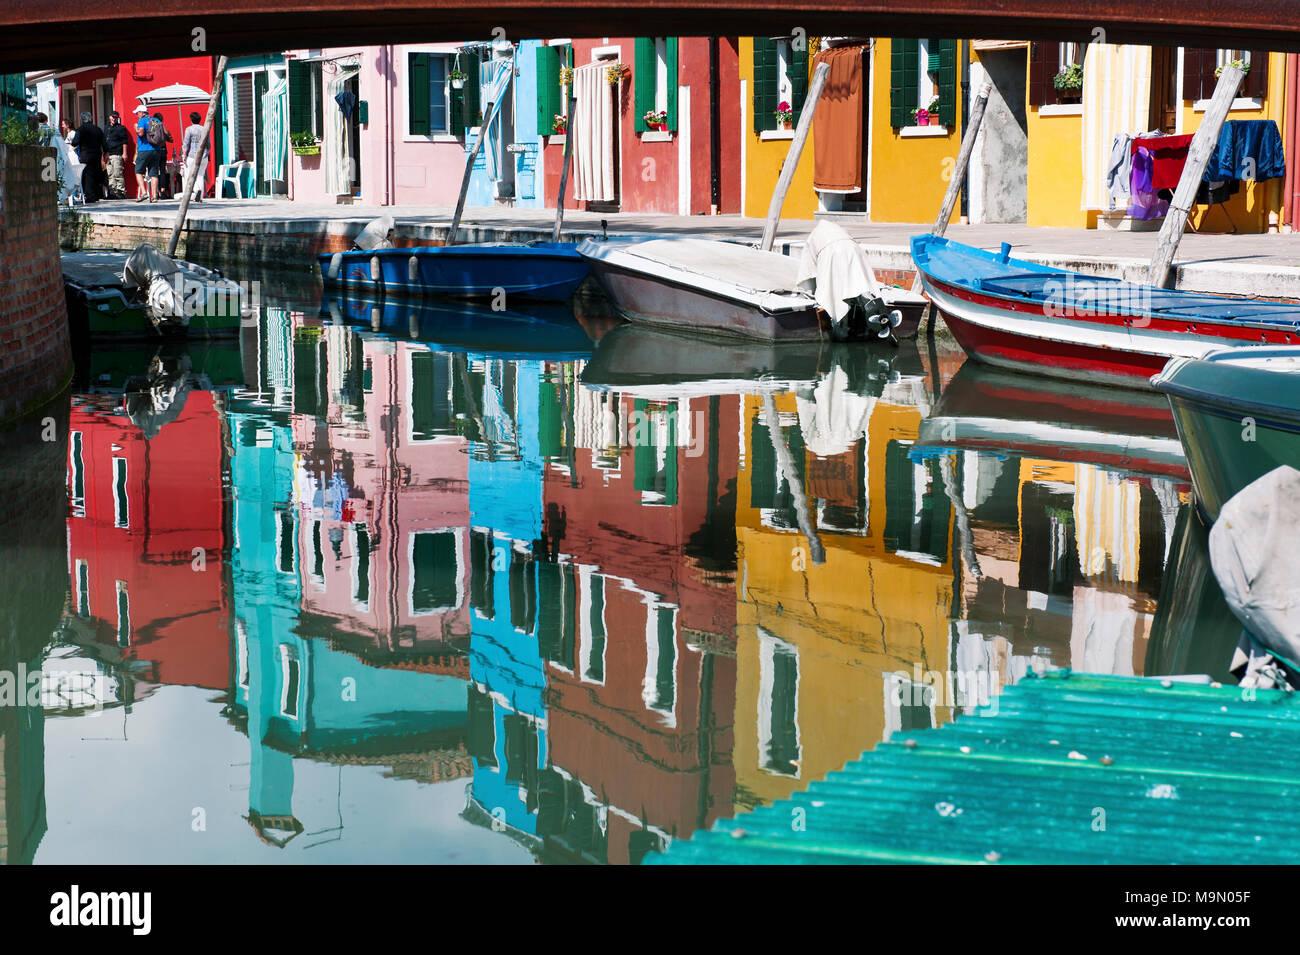 BURANO, Venise, Italie - 16 avril 2017: maisons colorées reflet dans le canal Photo Stock